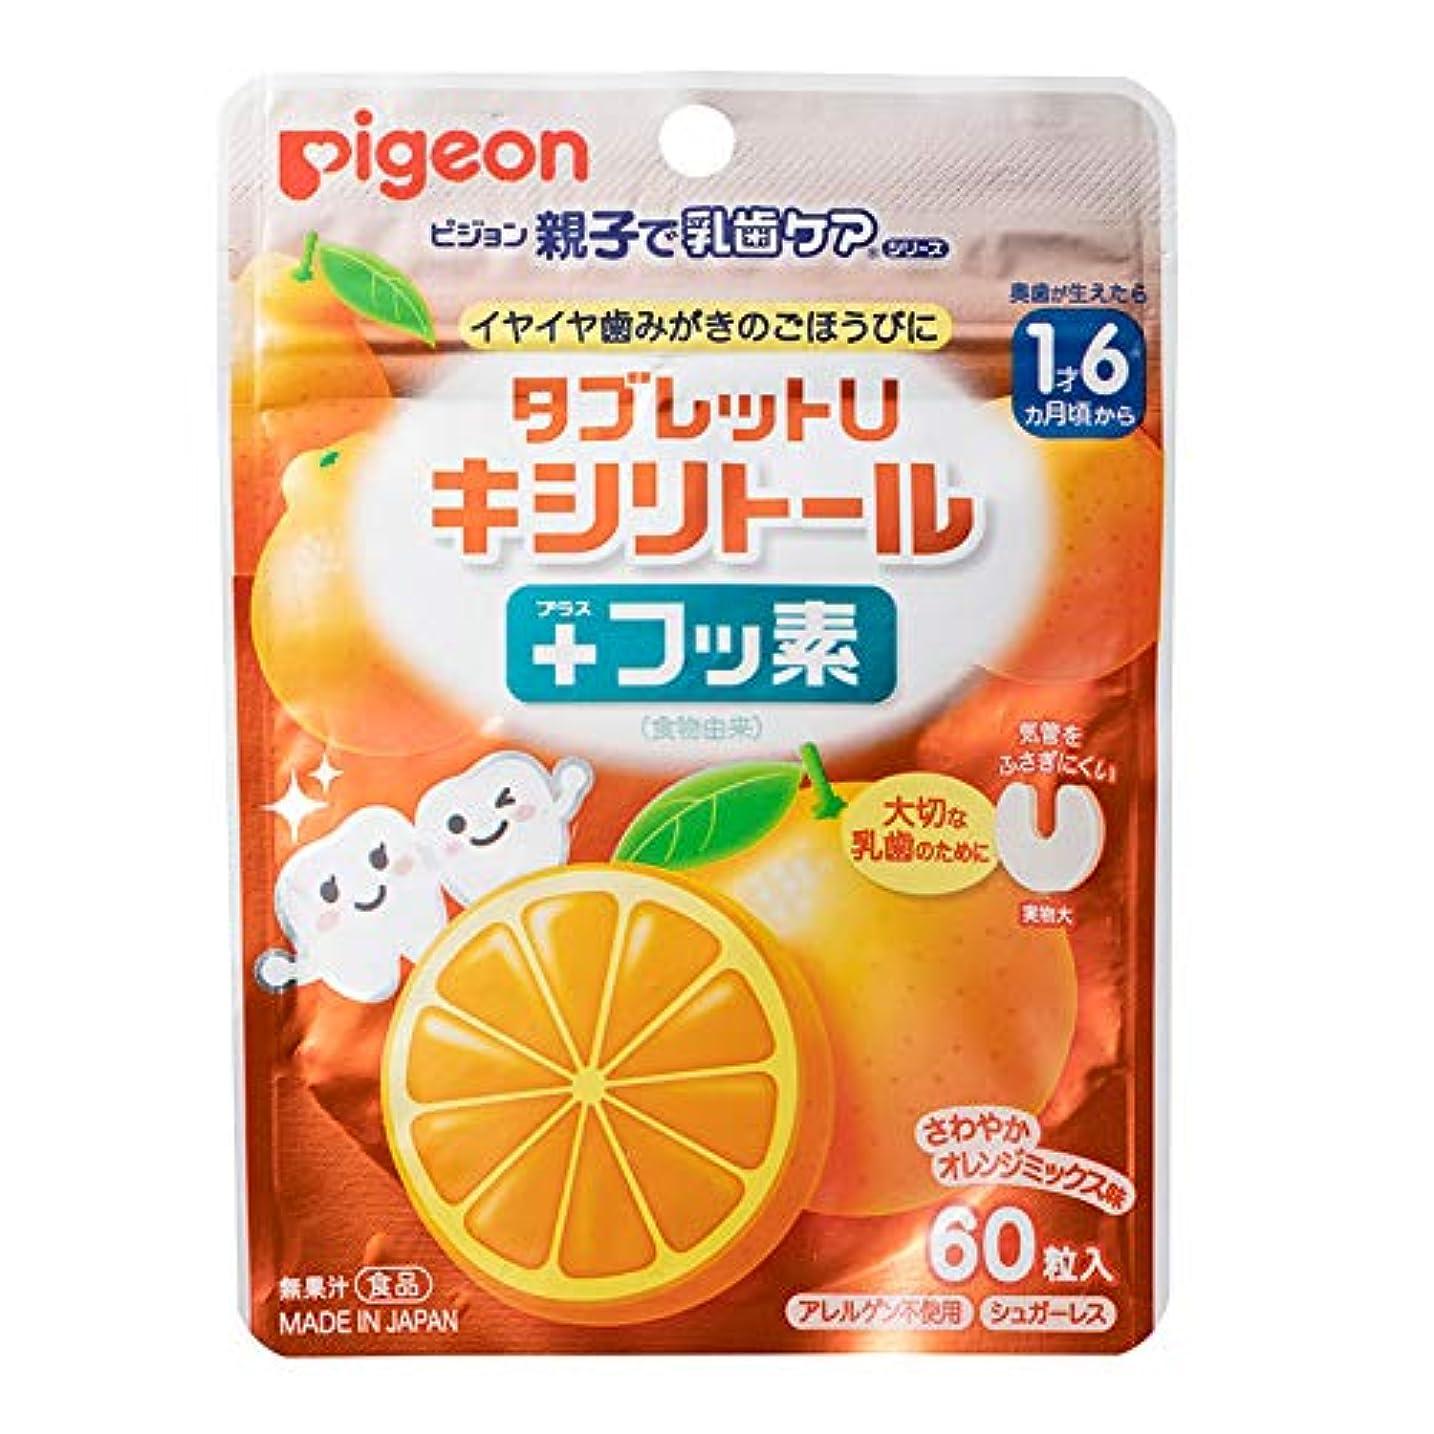 指導する適合グラフィックピジョン(Pigeon) タブレットUキシリトール+フッ素 オレンジミックス味60粒入 アレルゲン不使用 シュガーレス 【1歳6ヵ月頃から】